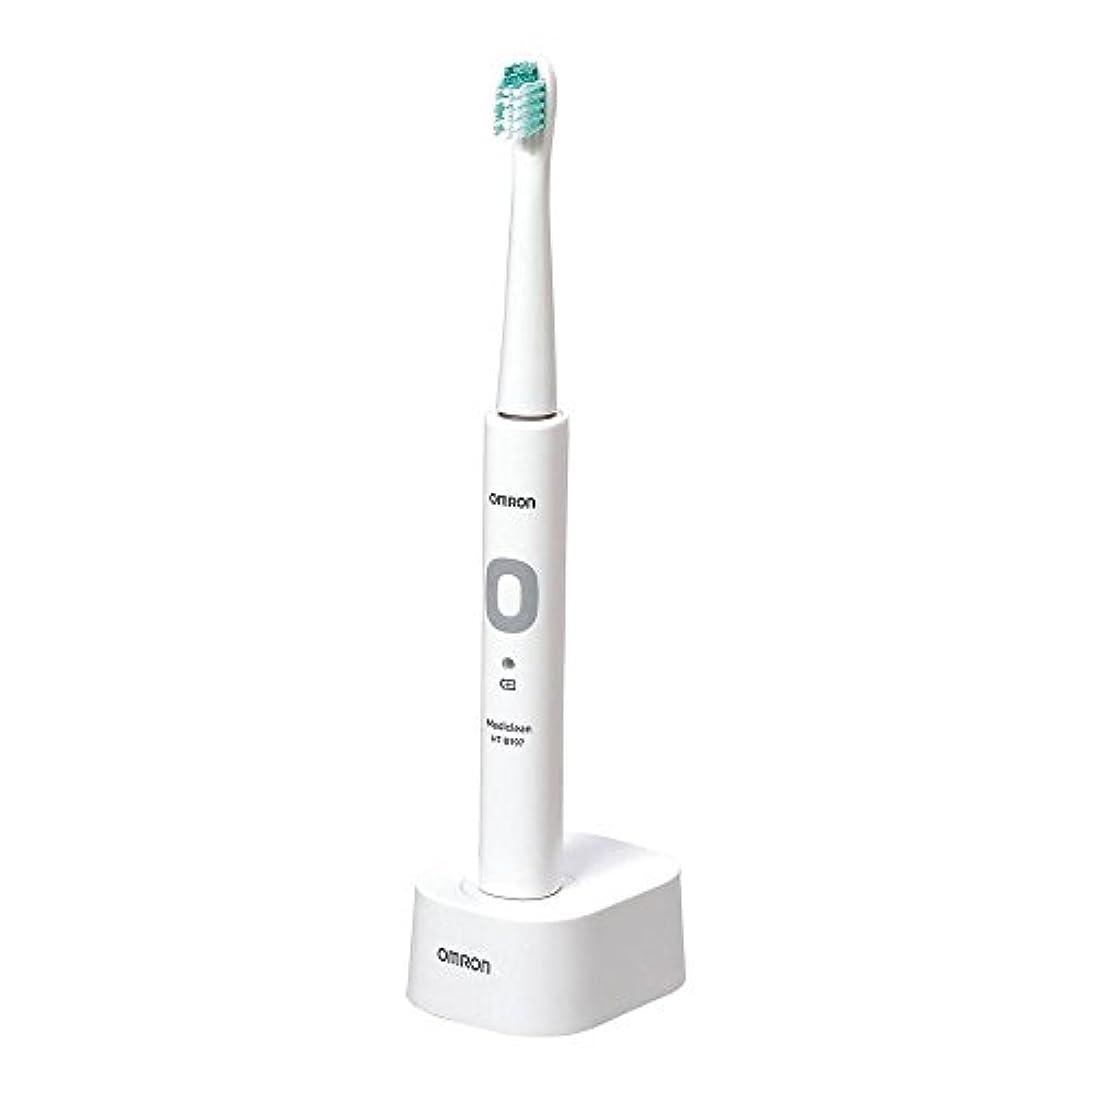 フィルタ毛布洞察力オムロン 電動歯ブラシ 音波式 メディクリーン